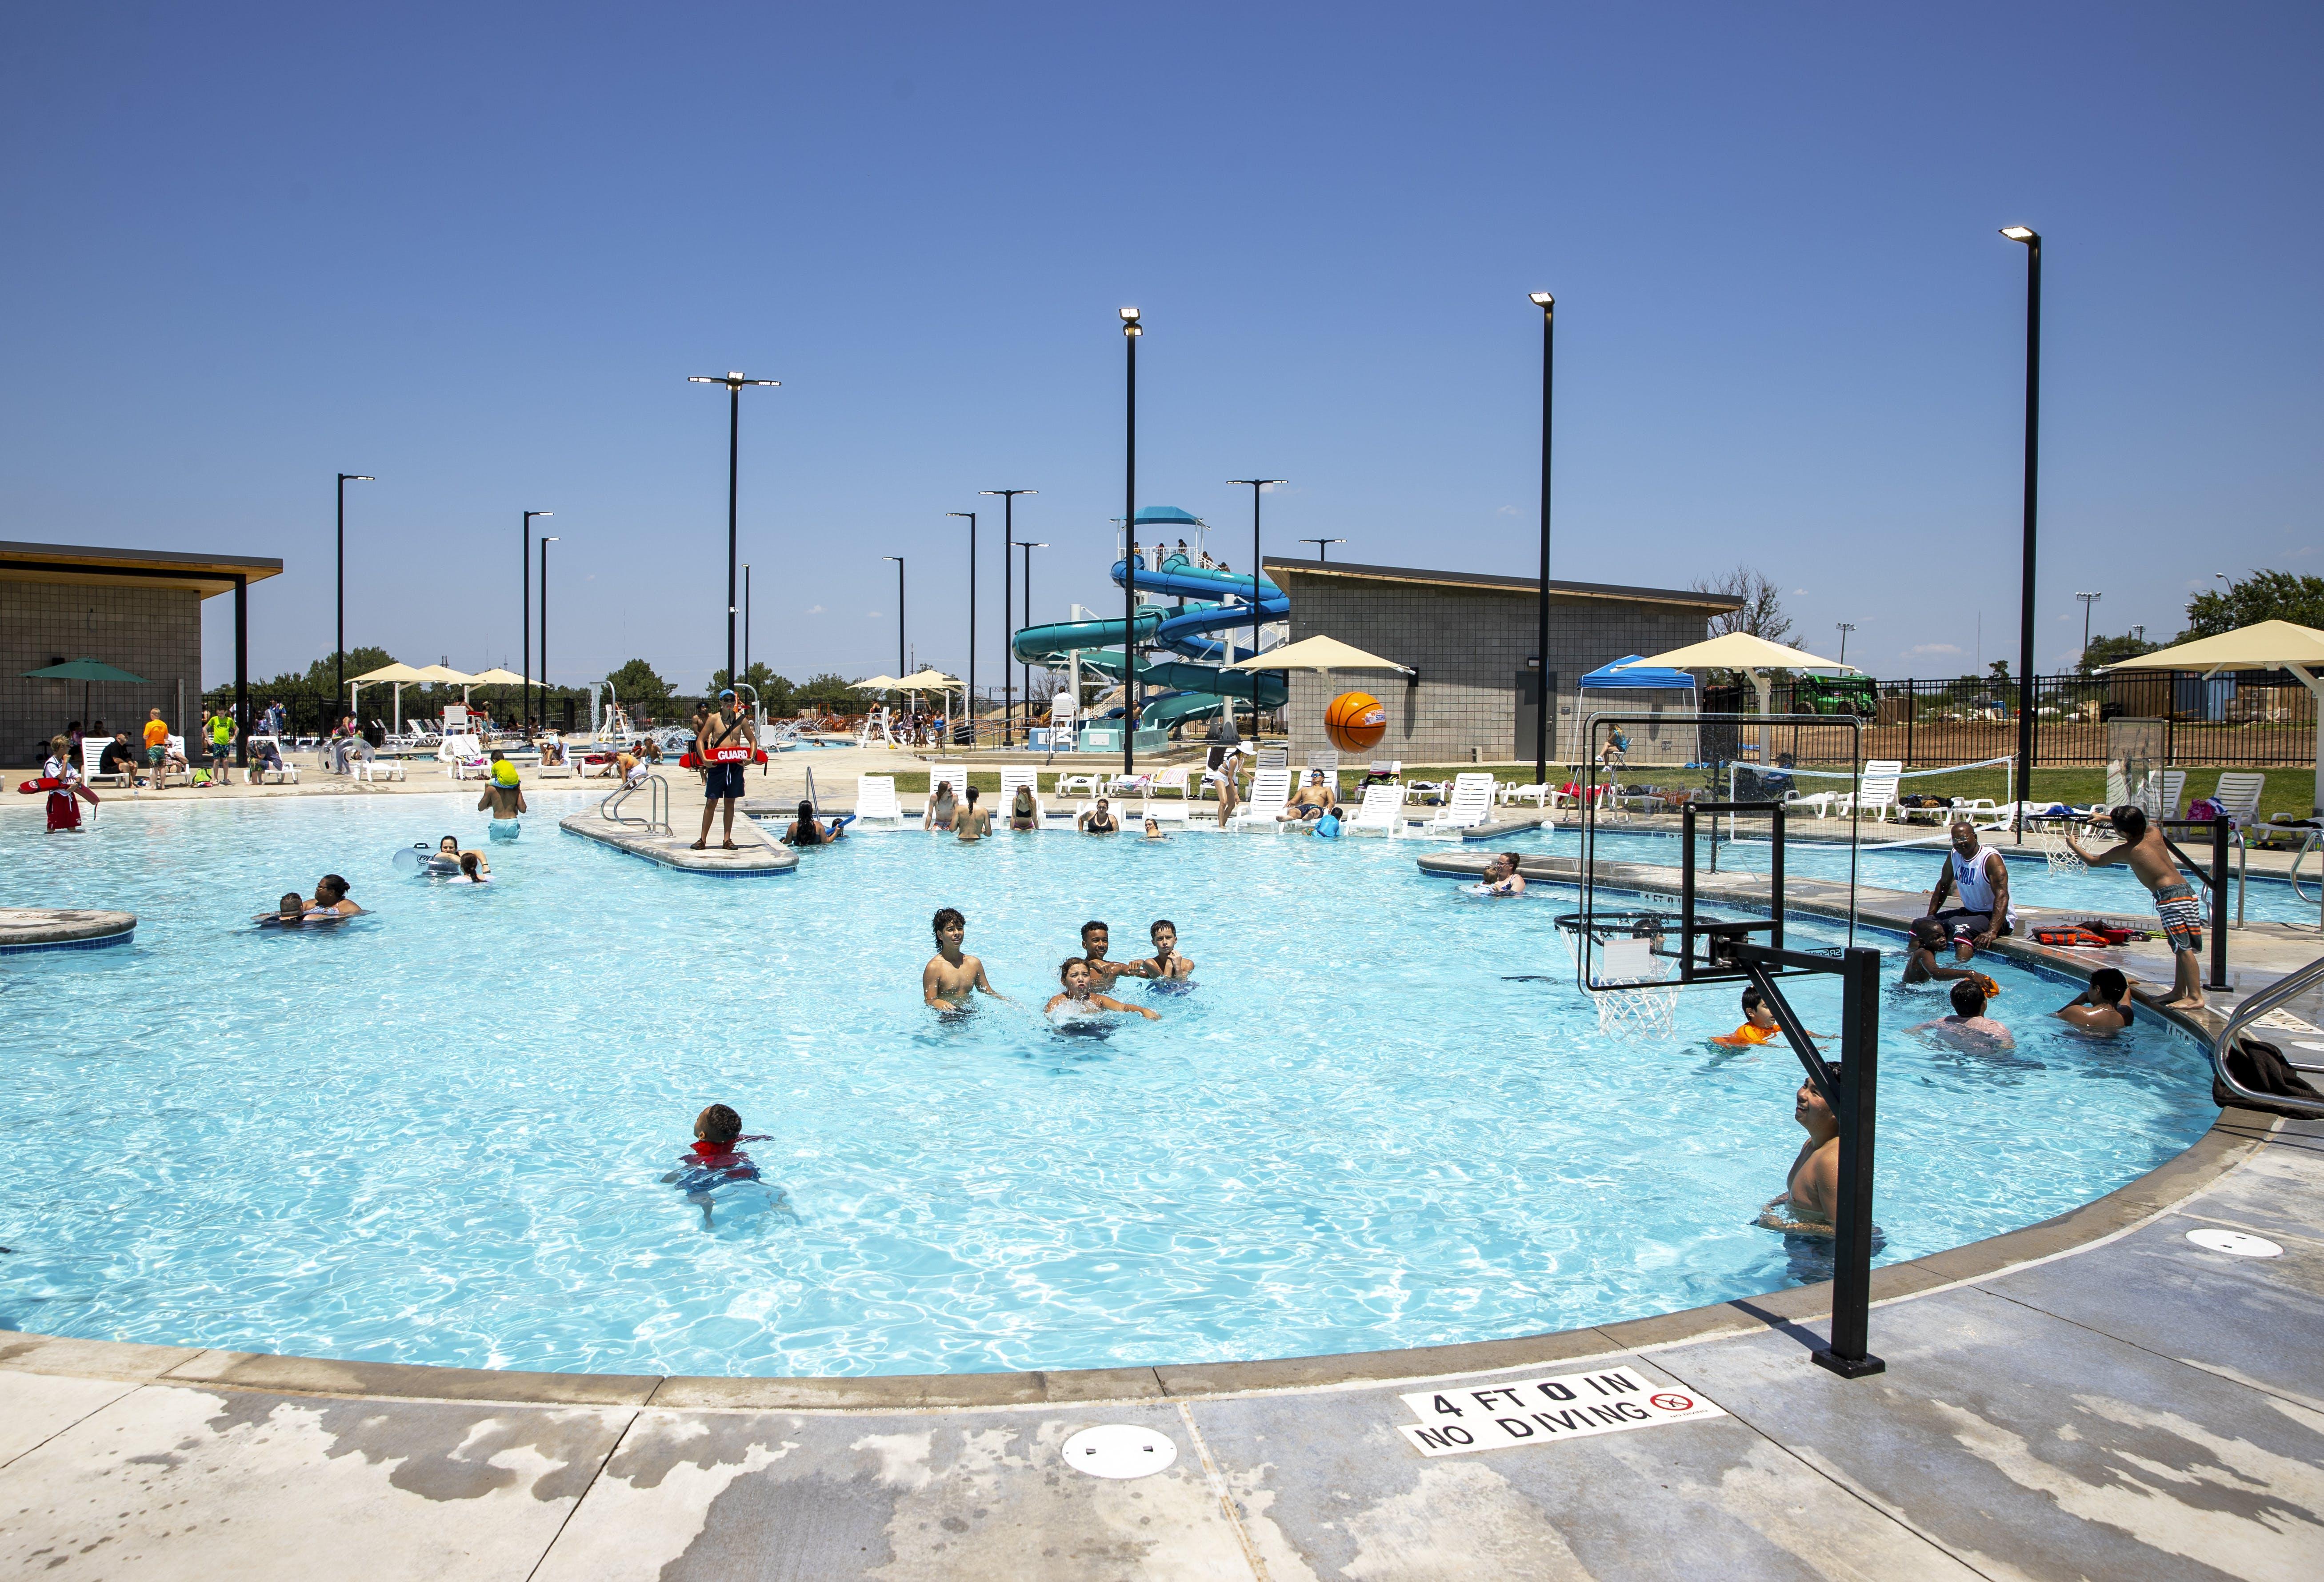 City of Amarillo Celebrates Thompson Park Pool Grand Opening